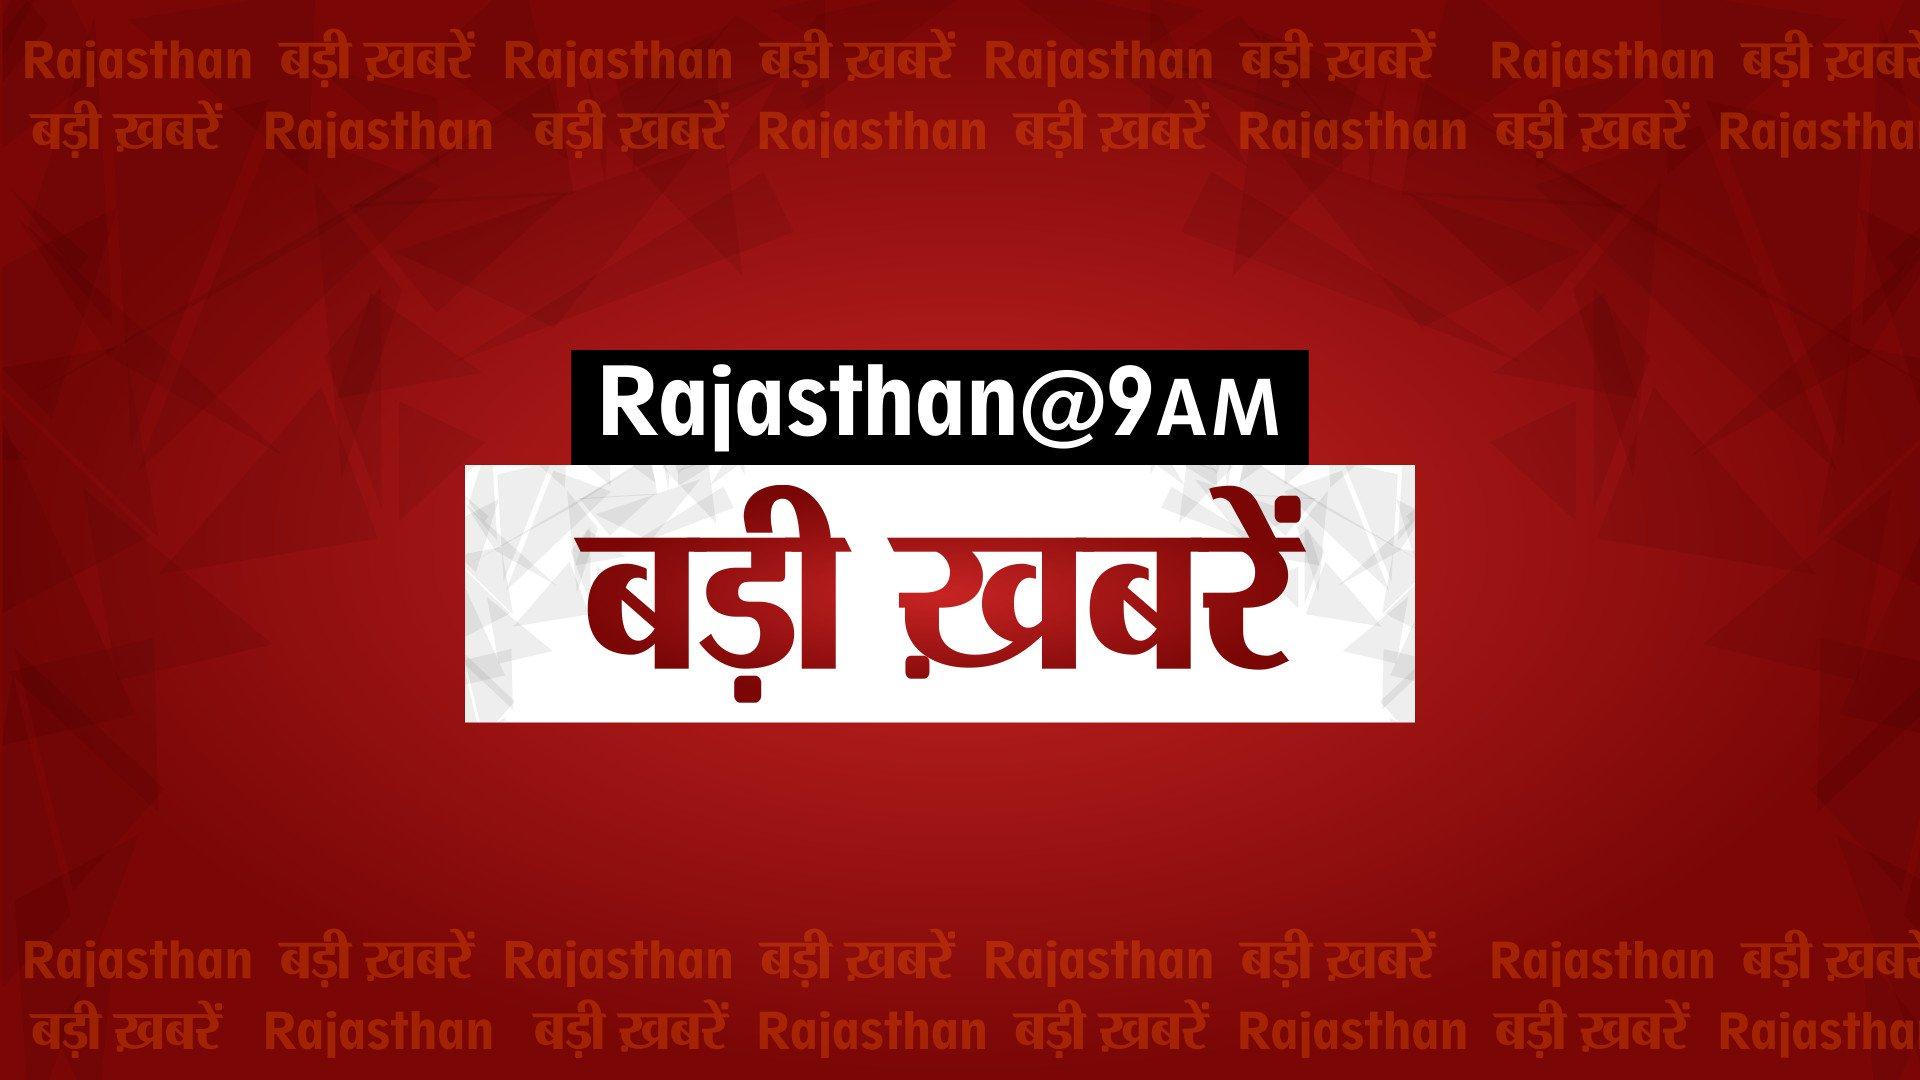 Rajasthan@9AM: पाकिस्तान ने खड़े किए हाथ, नहीं रुक रही टिड्डी- देखें अभी की टॉप-5 खबरें